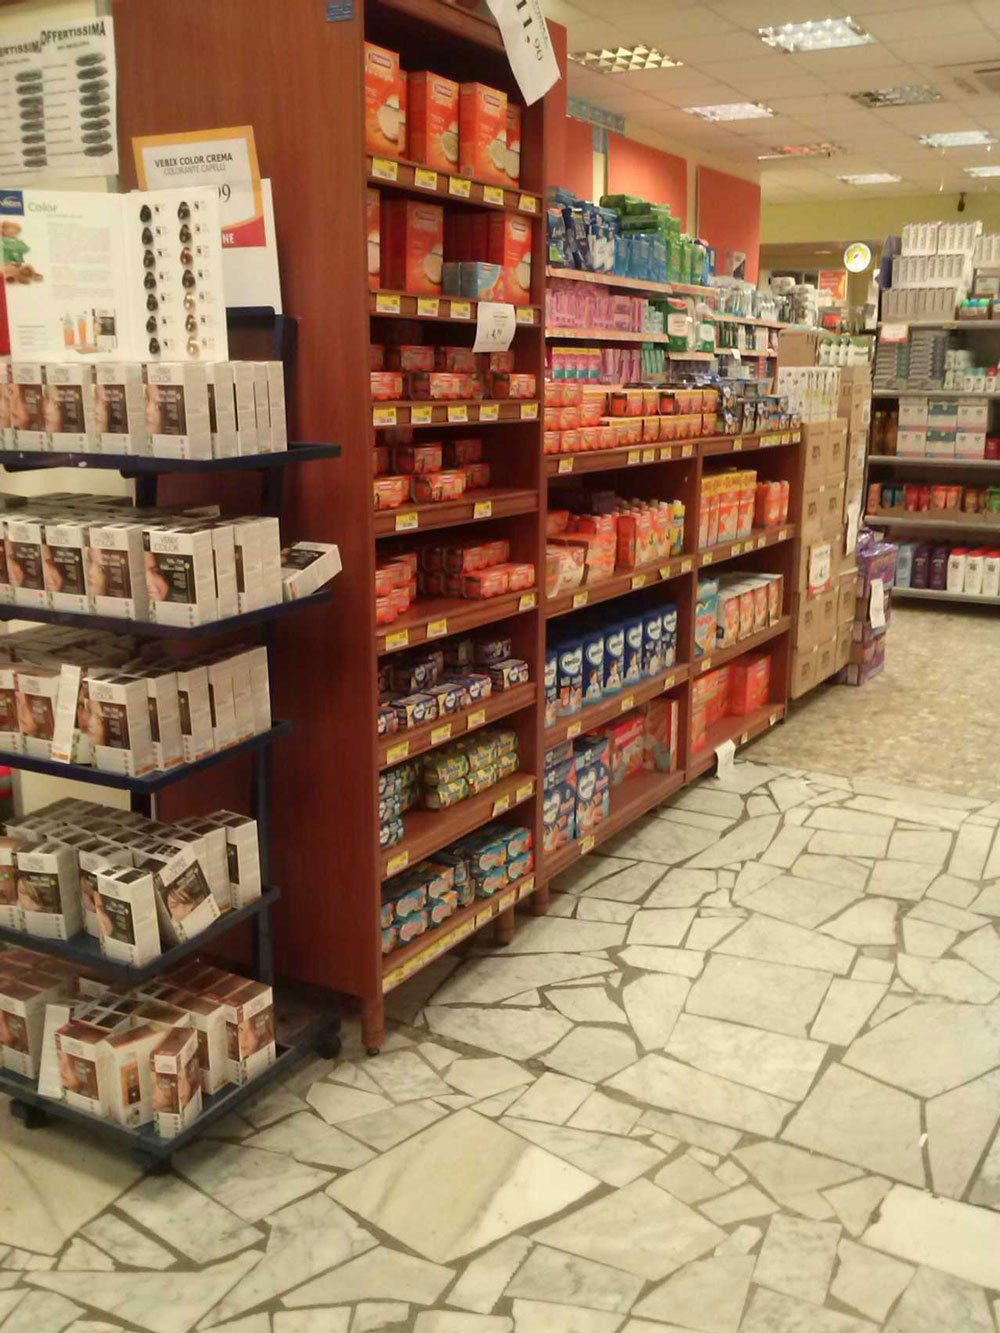 degli scaffali in legno in un supermercato con dentro degli alimenti